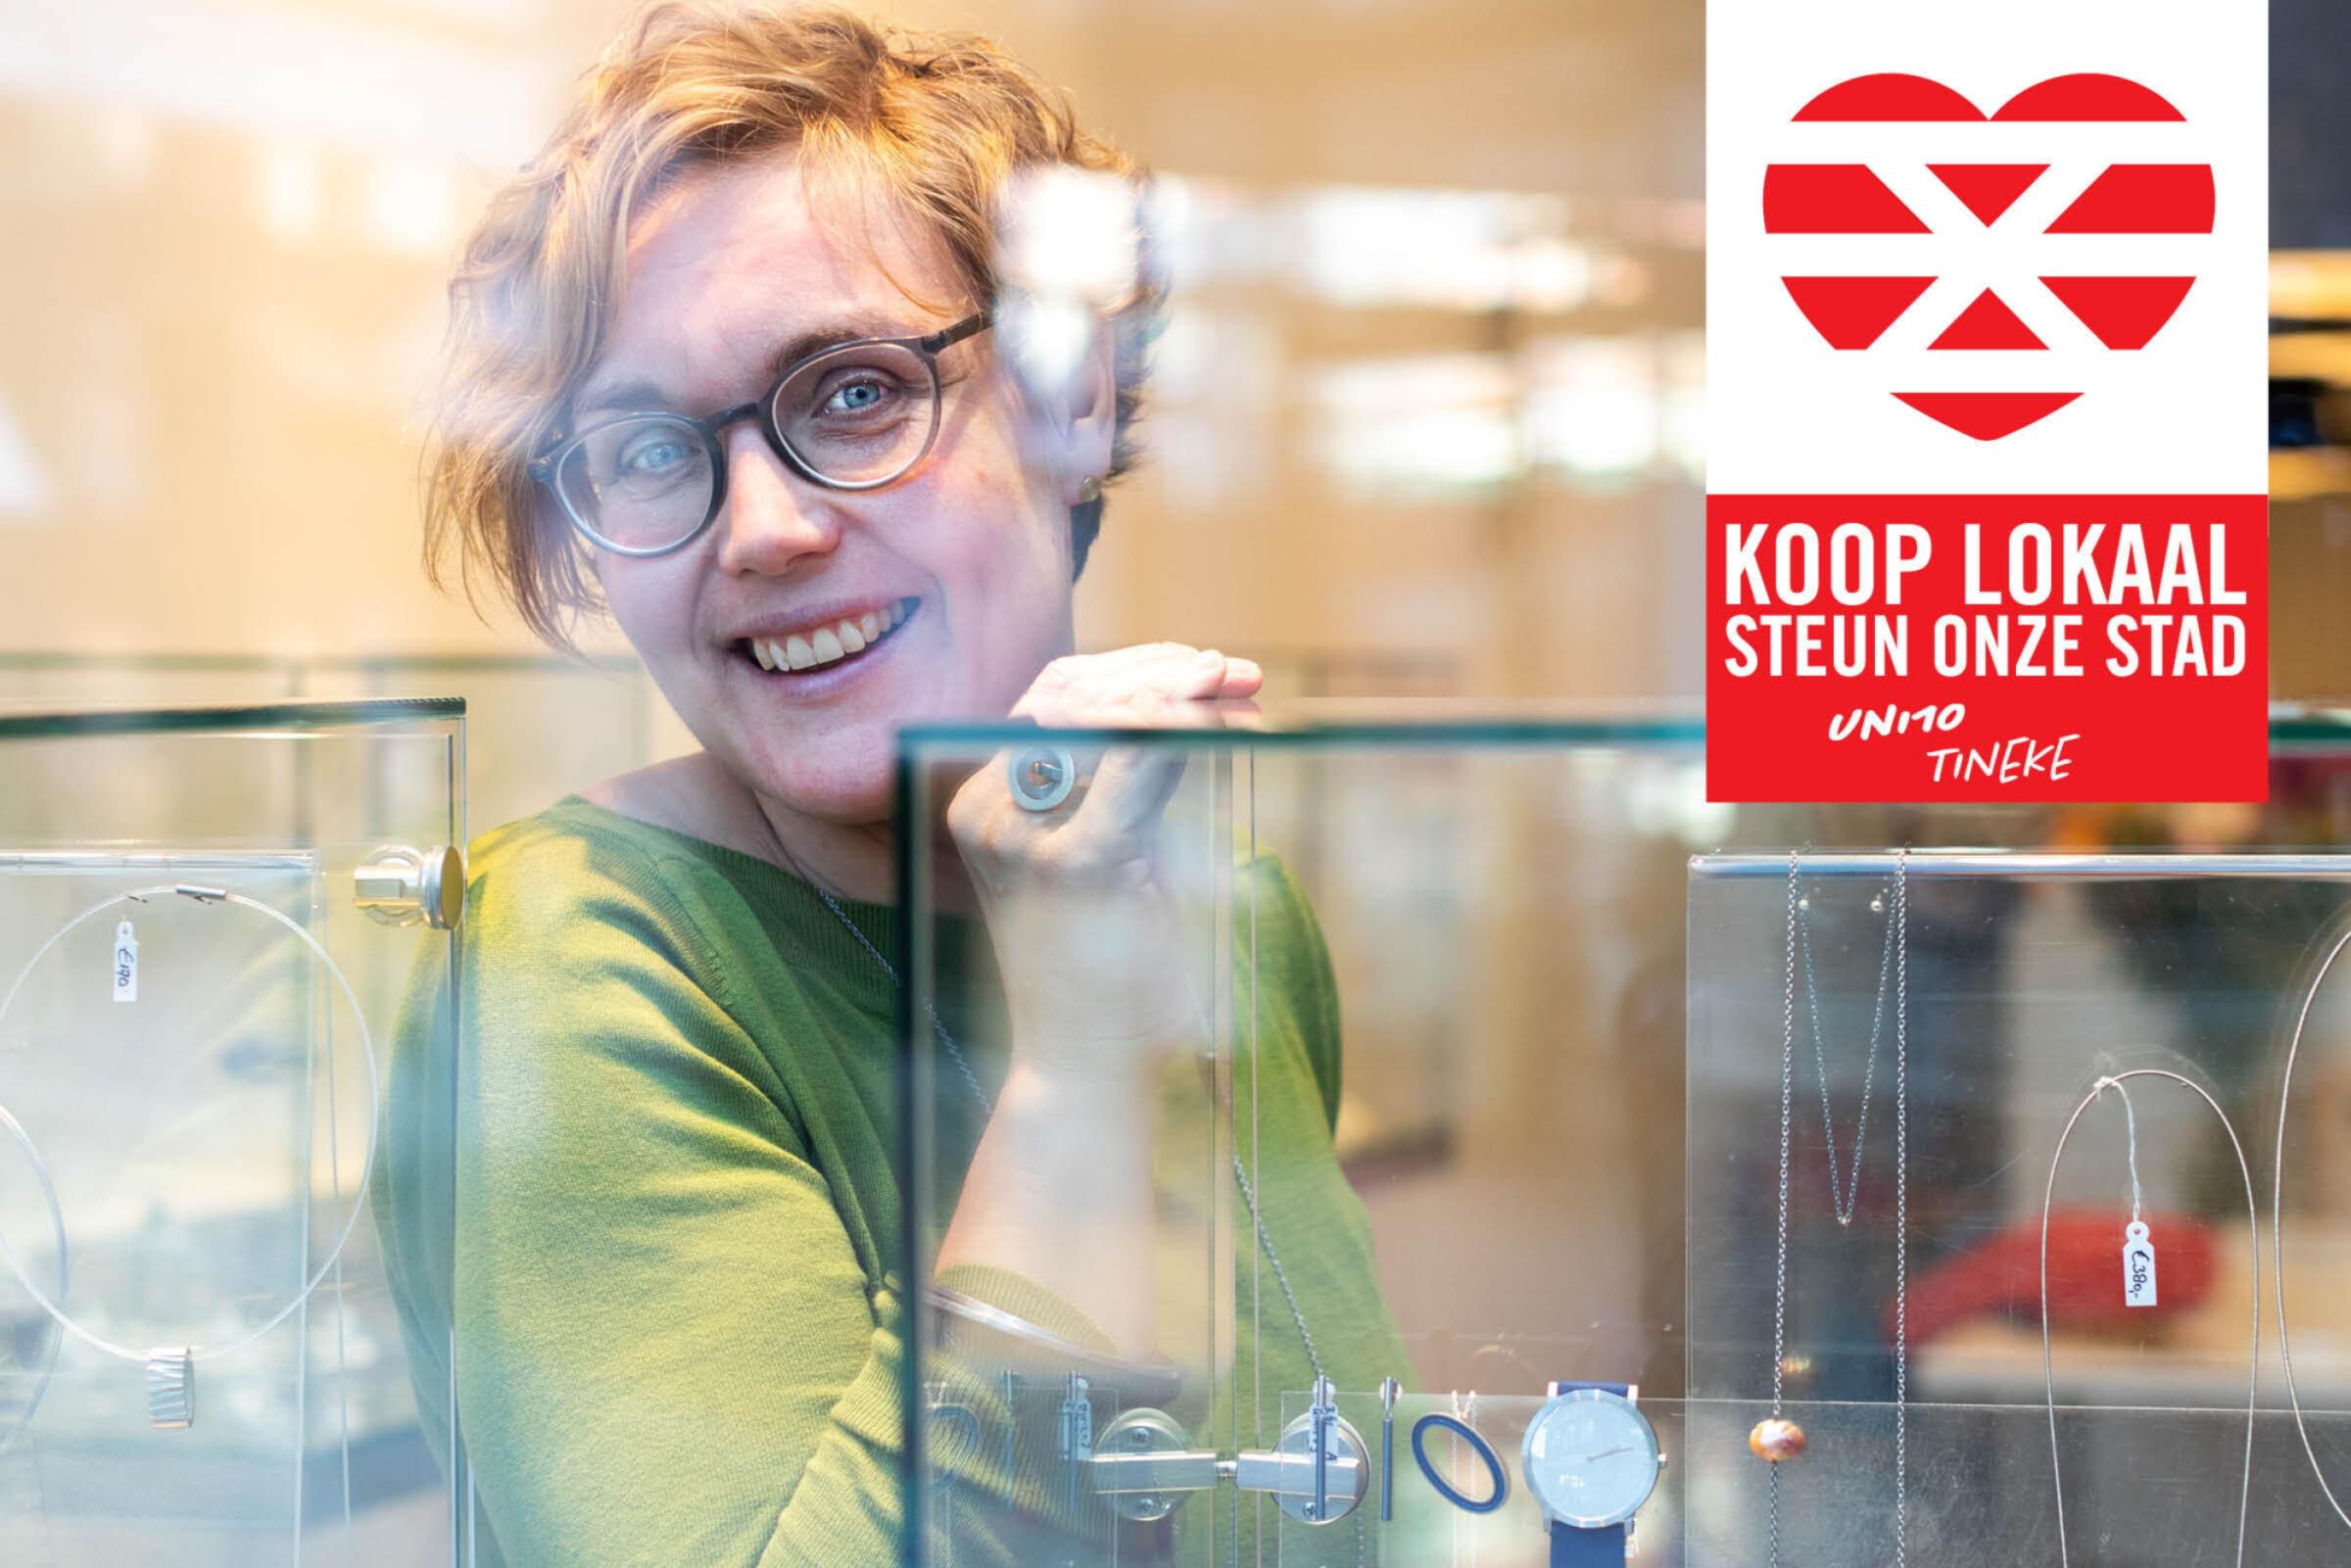 Steun onze stad Koop lokaal Enschede Uni10 Tineke